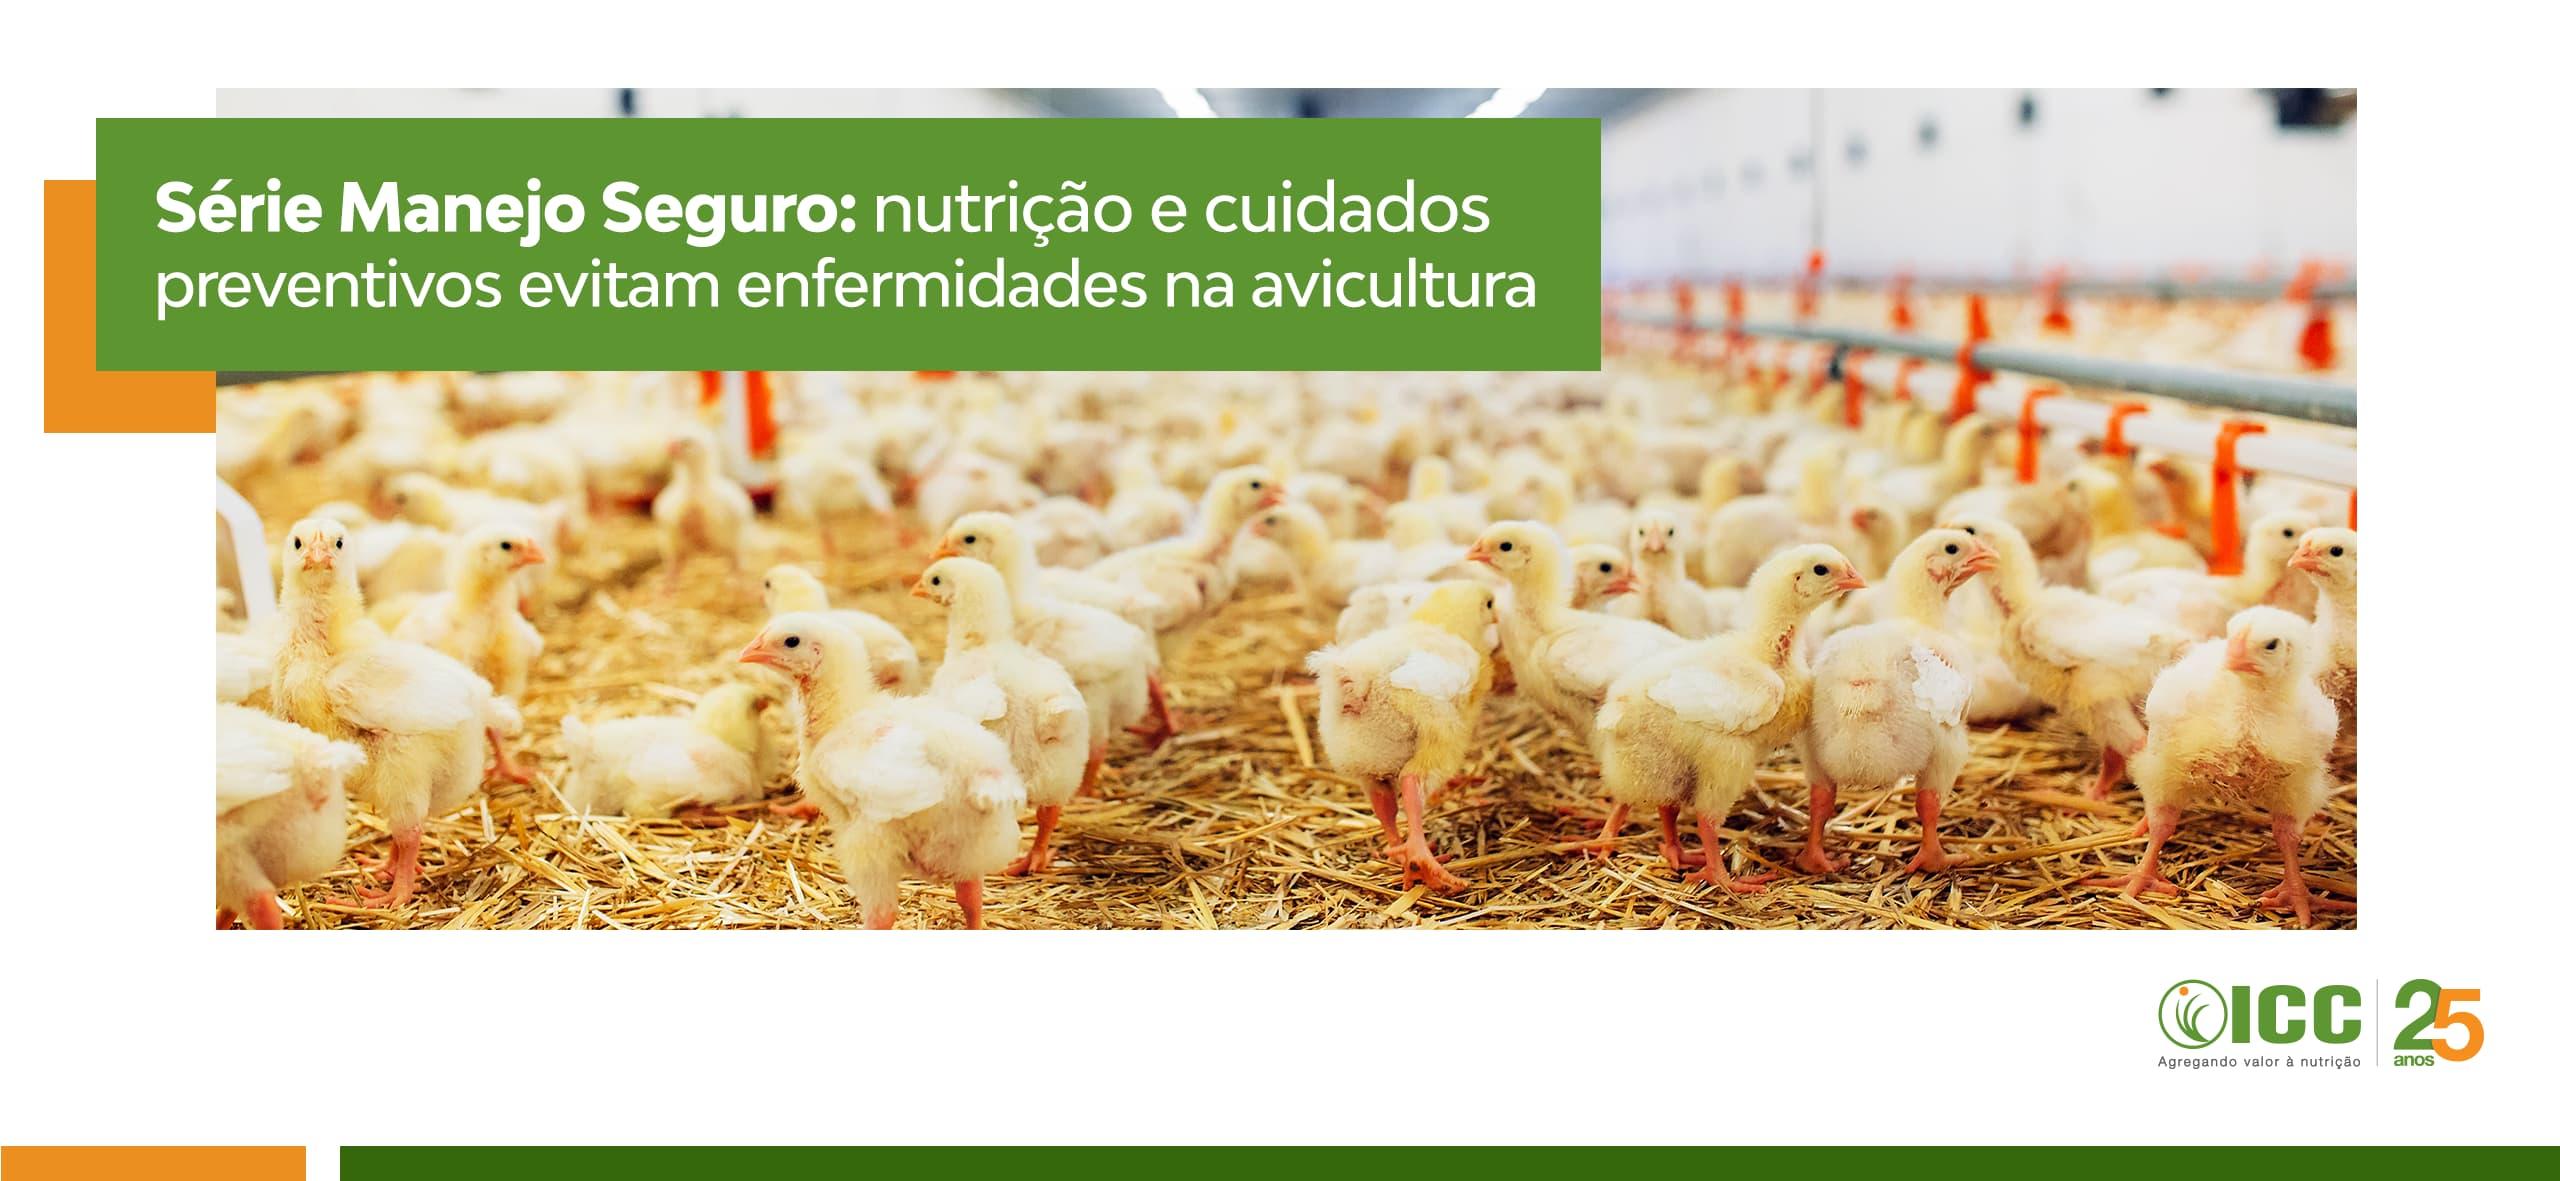 Série Manejo Seguro: nutrição e cuidados preventivos evitam enfermidades na avicultura